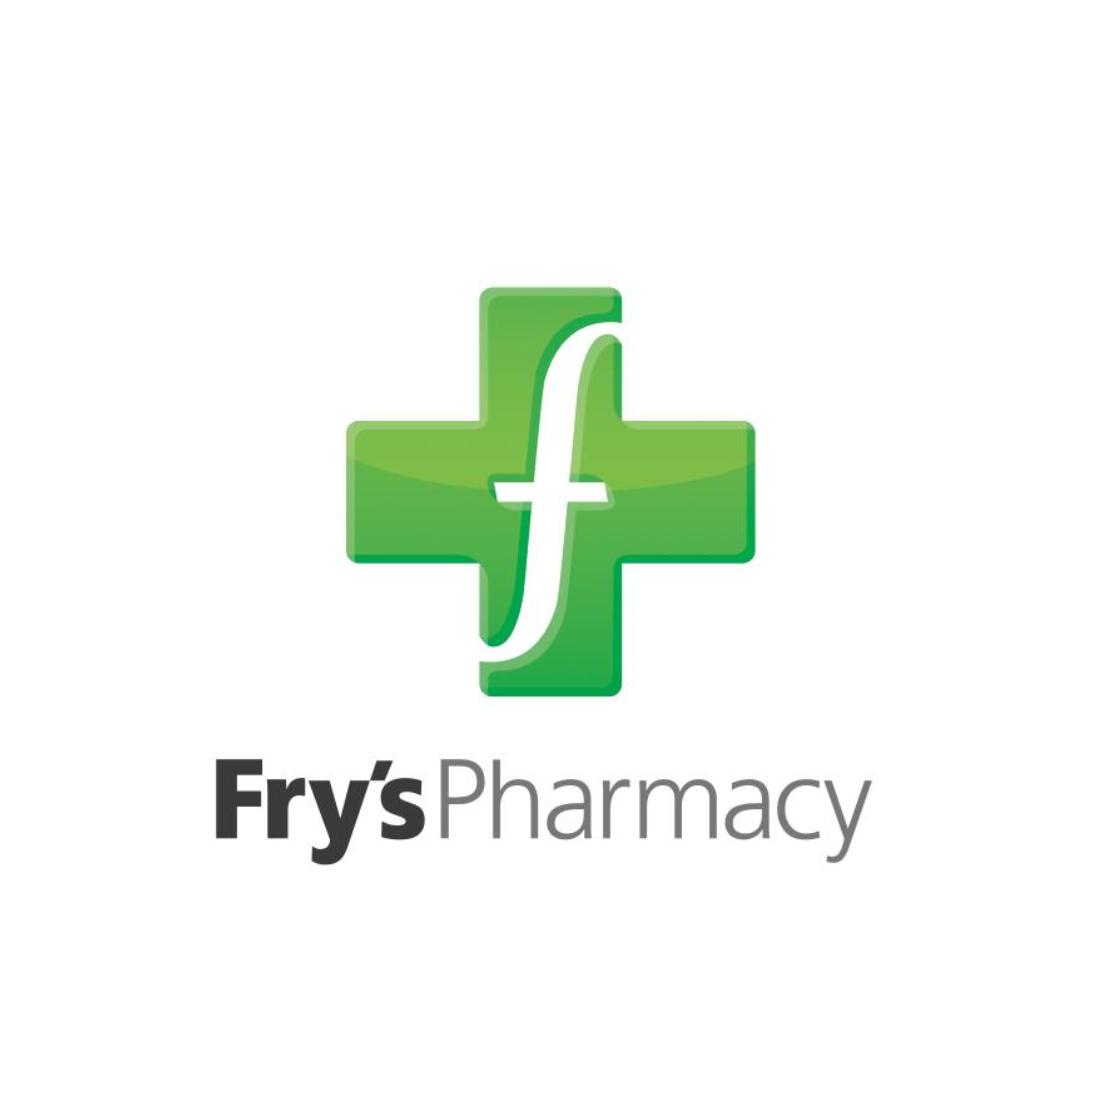 frys pharmacy.jpg.png